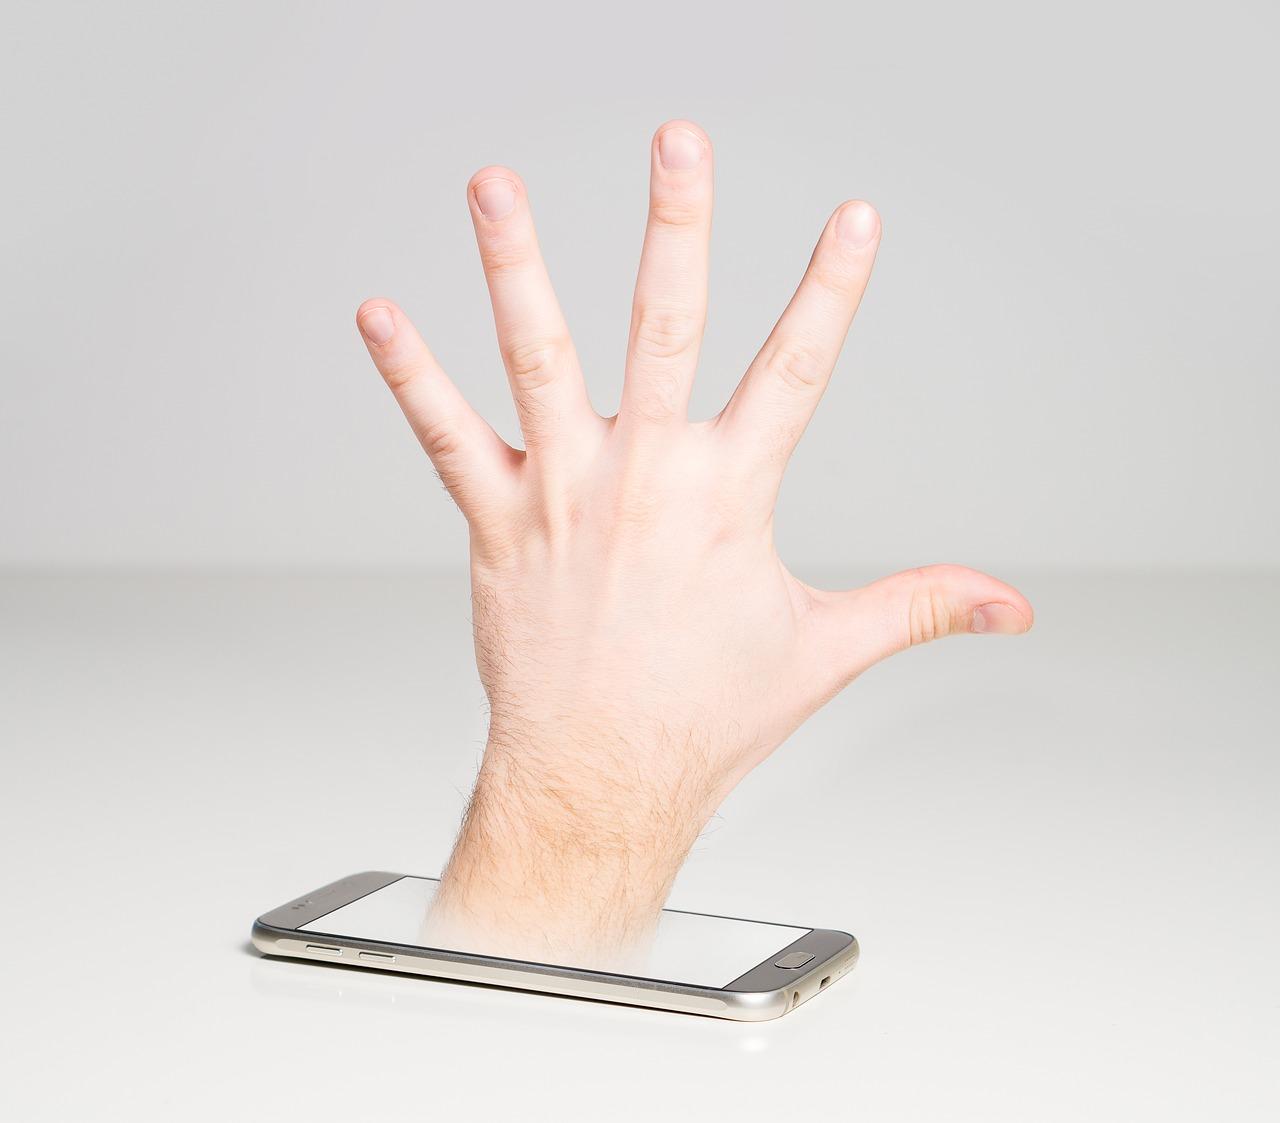 大変!携帯スマホがウイルスに感染した!?対処法を知っておこう